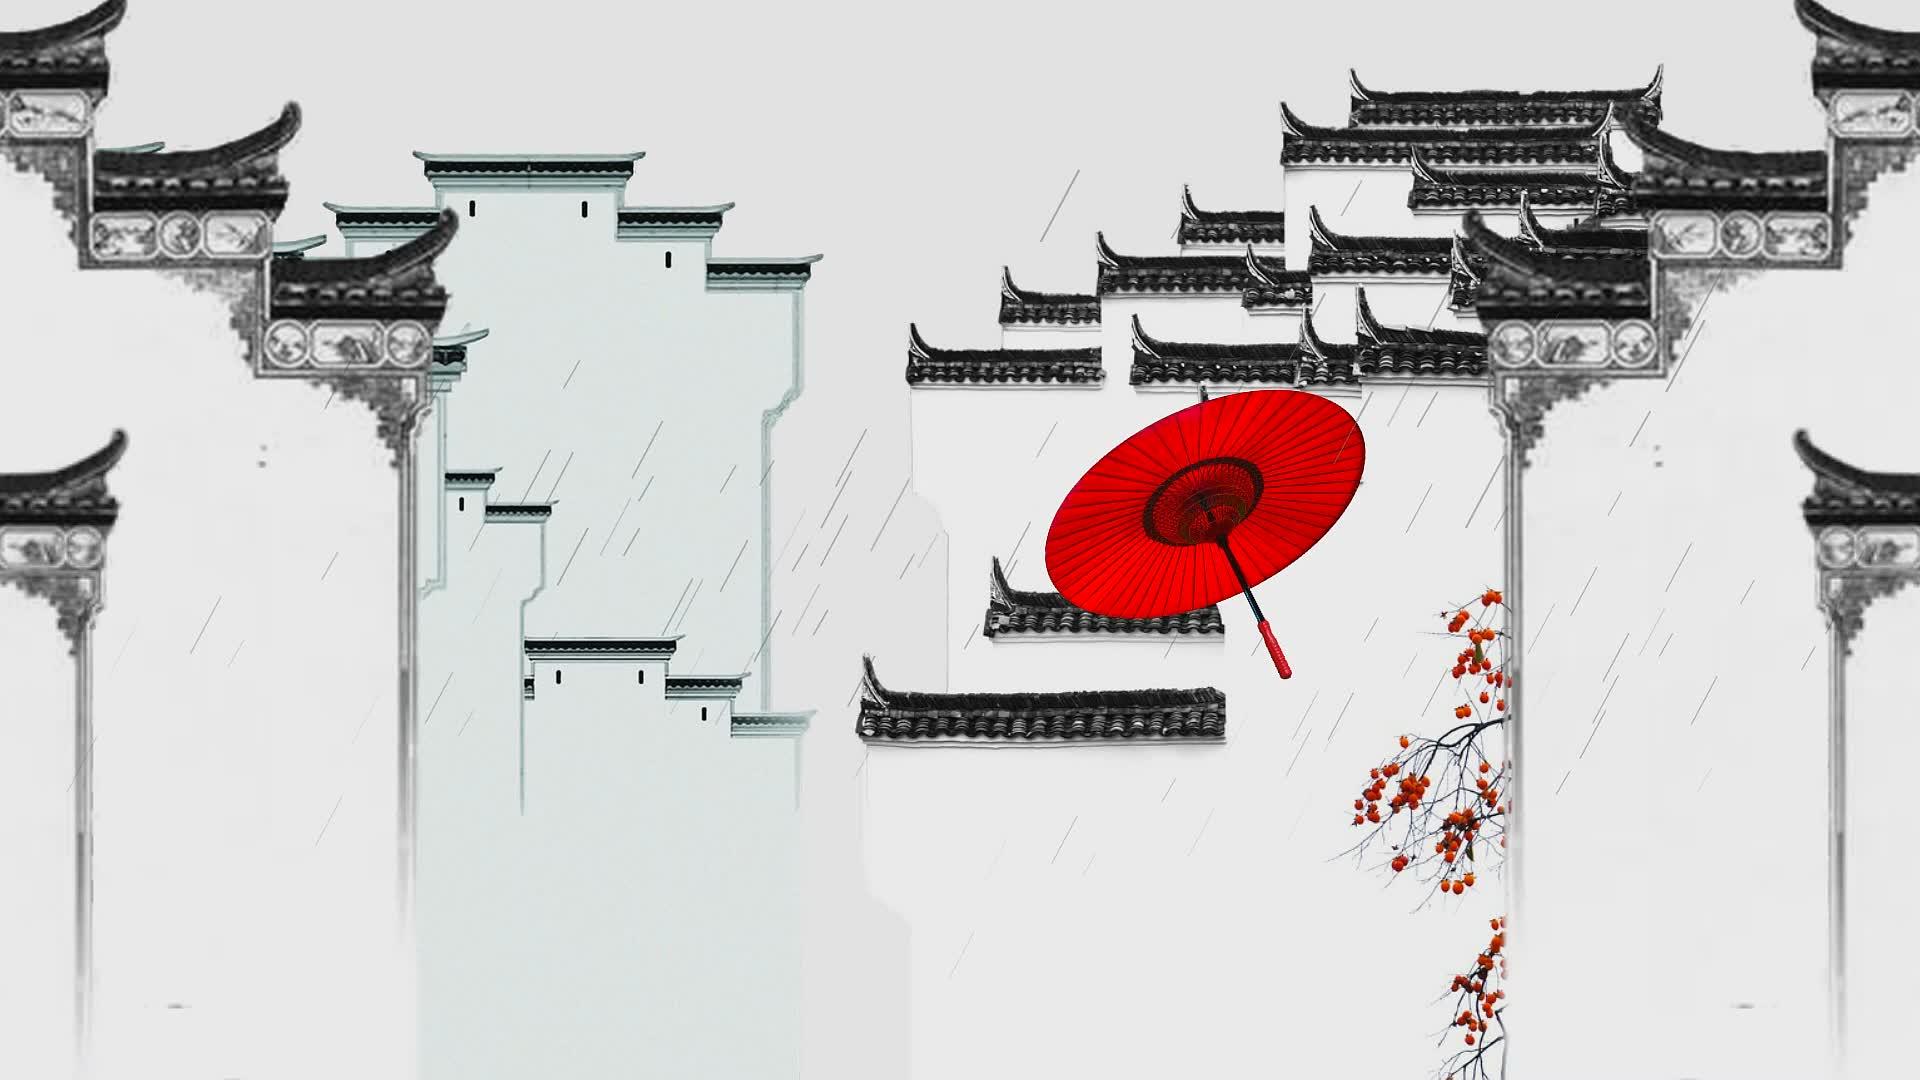 配乐成品 雨中 雨 江南景 江南雨 红雨伞 徽派建筑 花瓣雨